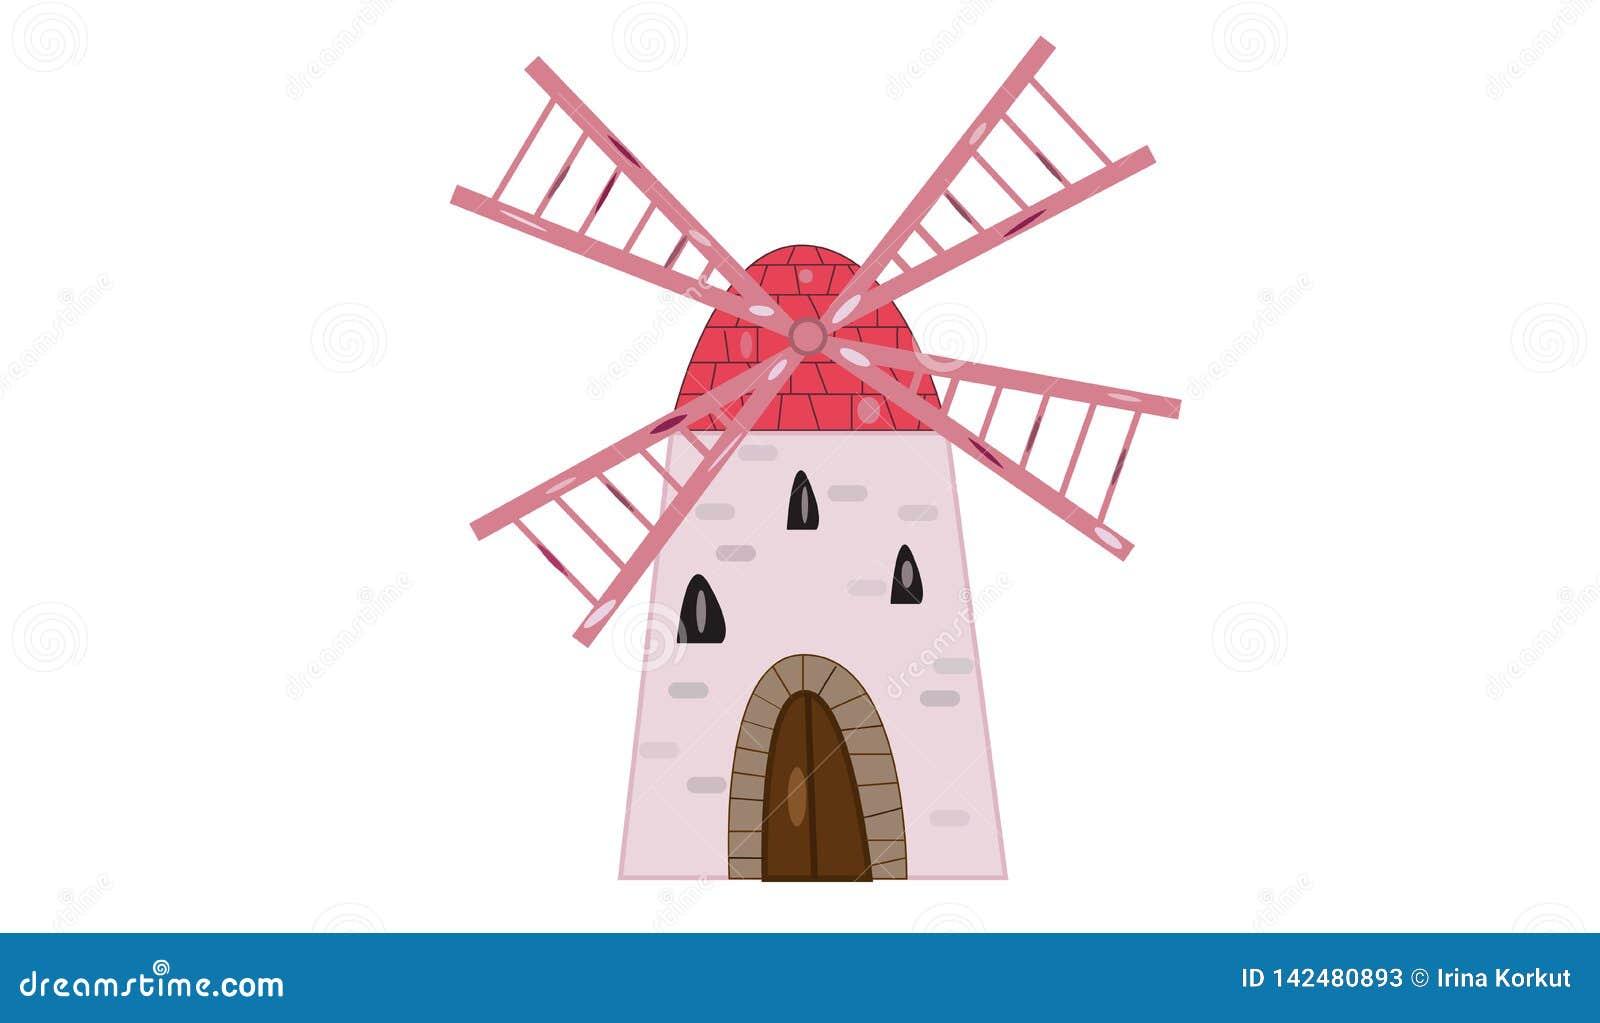 La vieille illustration de moulin à vent a isolé le fond blanc et la porte d aile et en pierre rose mignonne